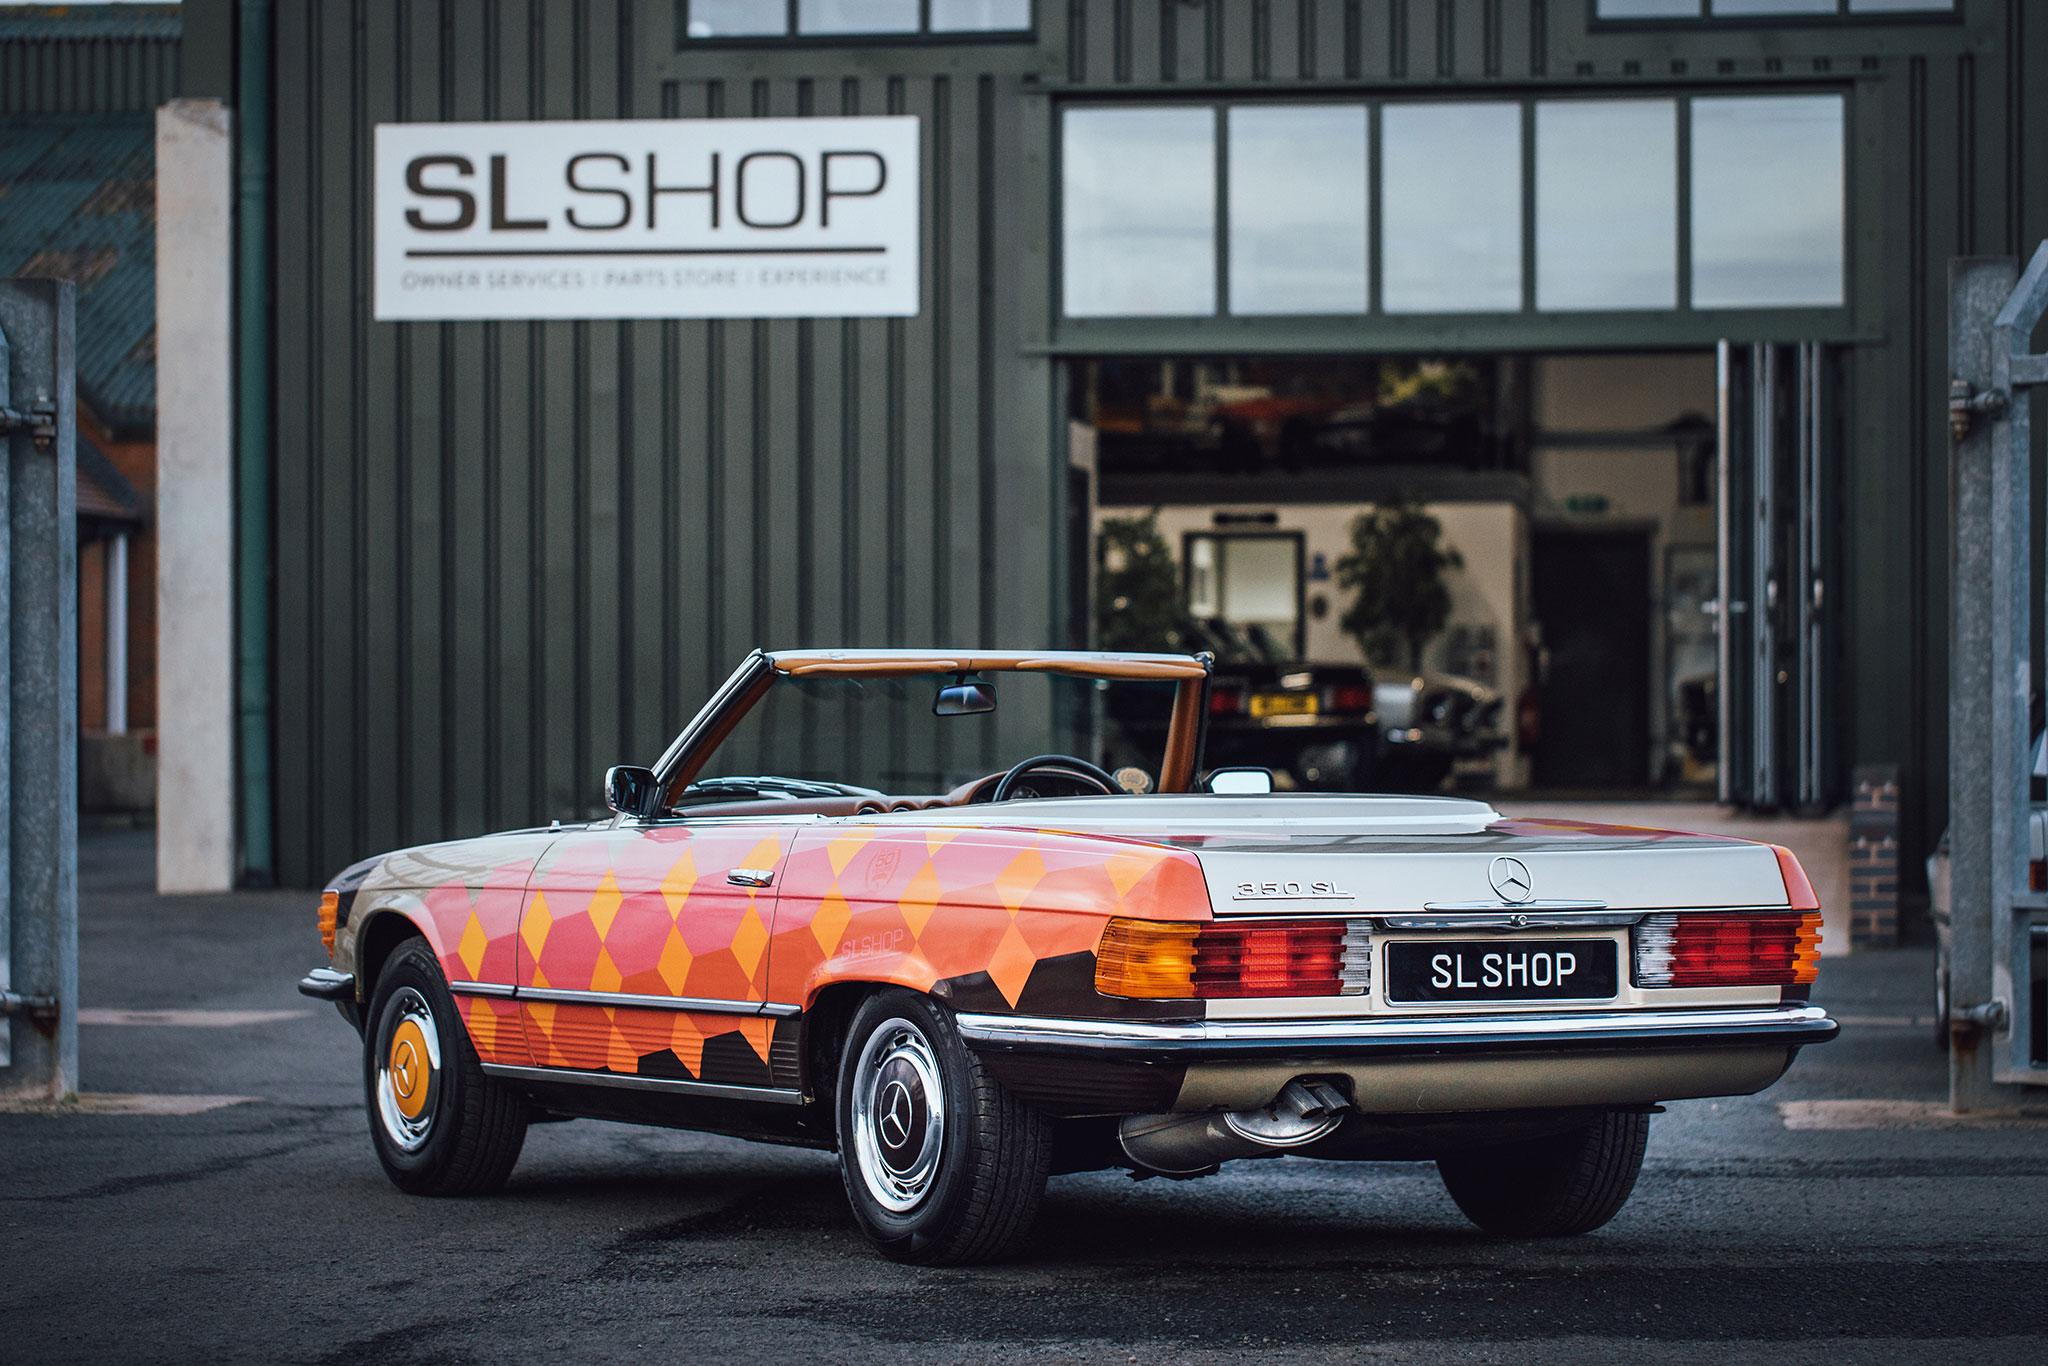 SLShop Mercedes-Benz 350 SL Art Car plus grand stock de pièces détachées au monde.